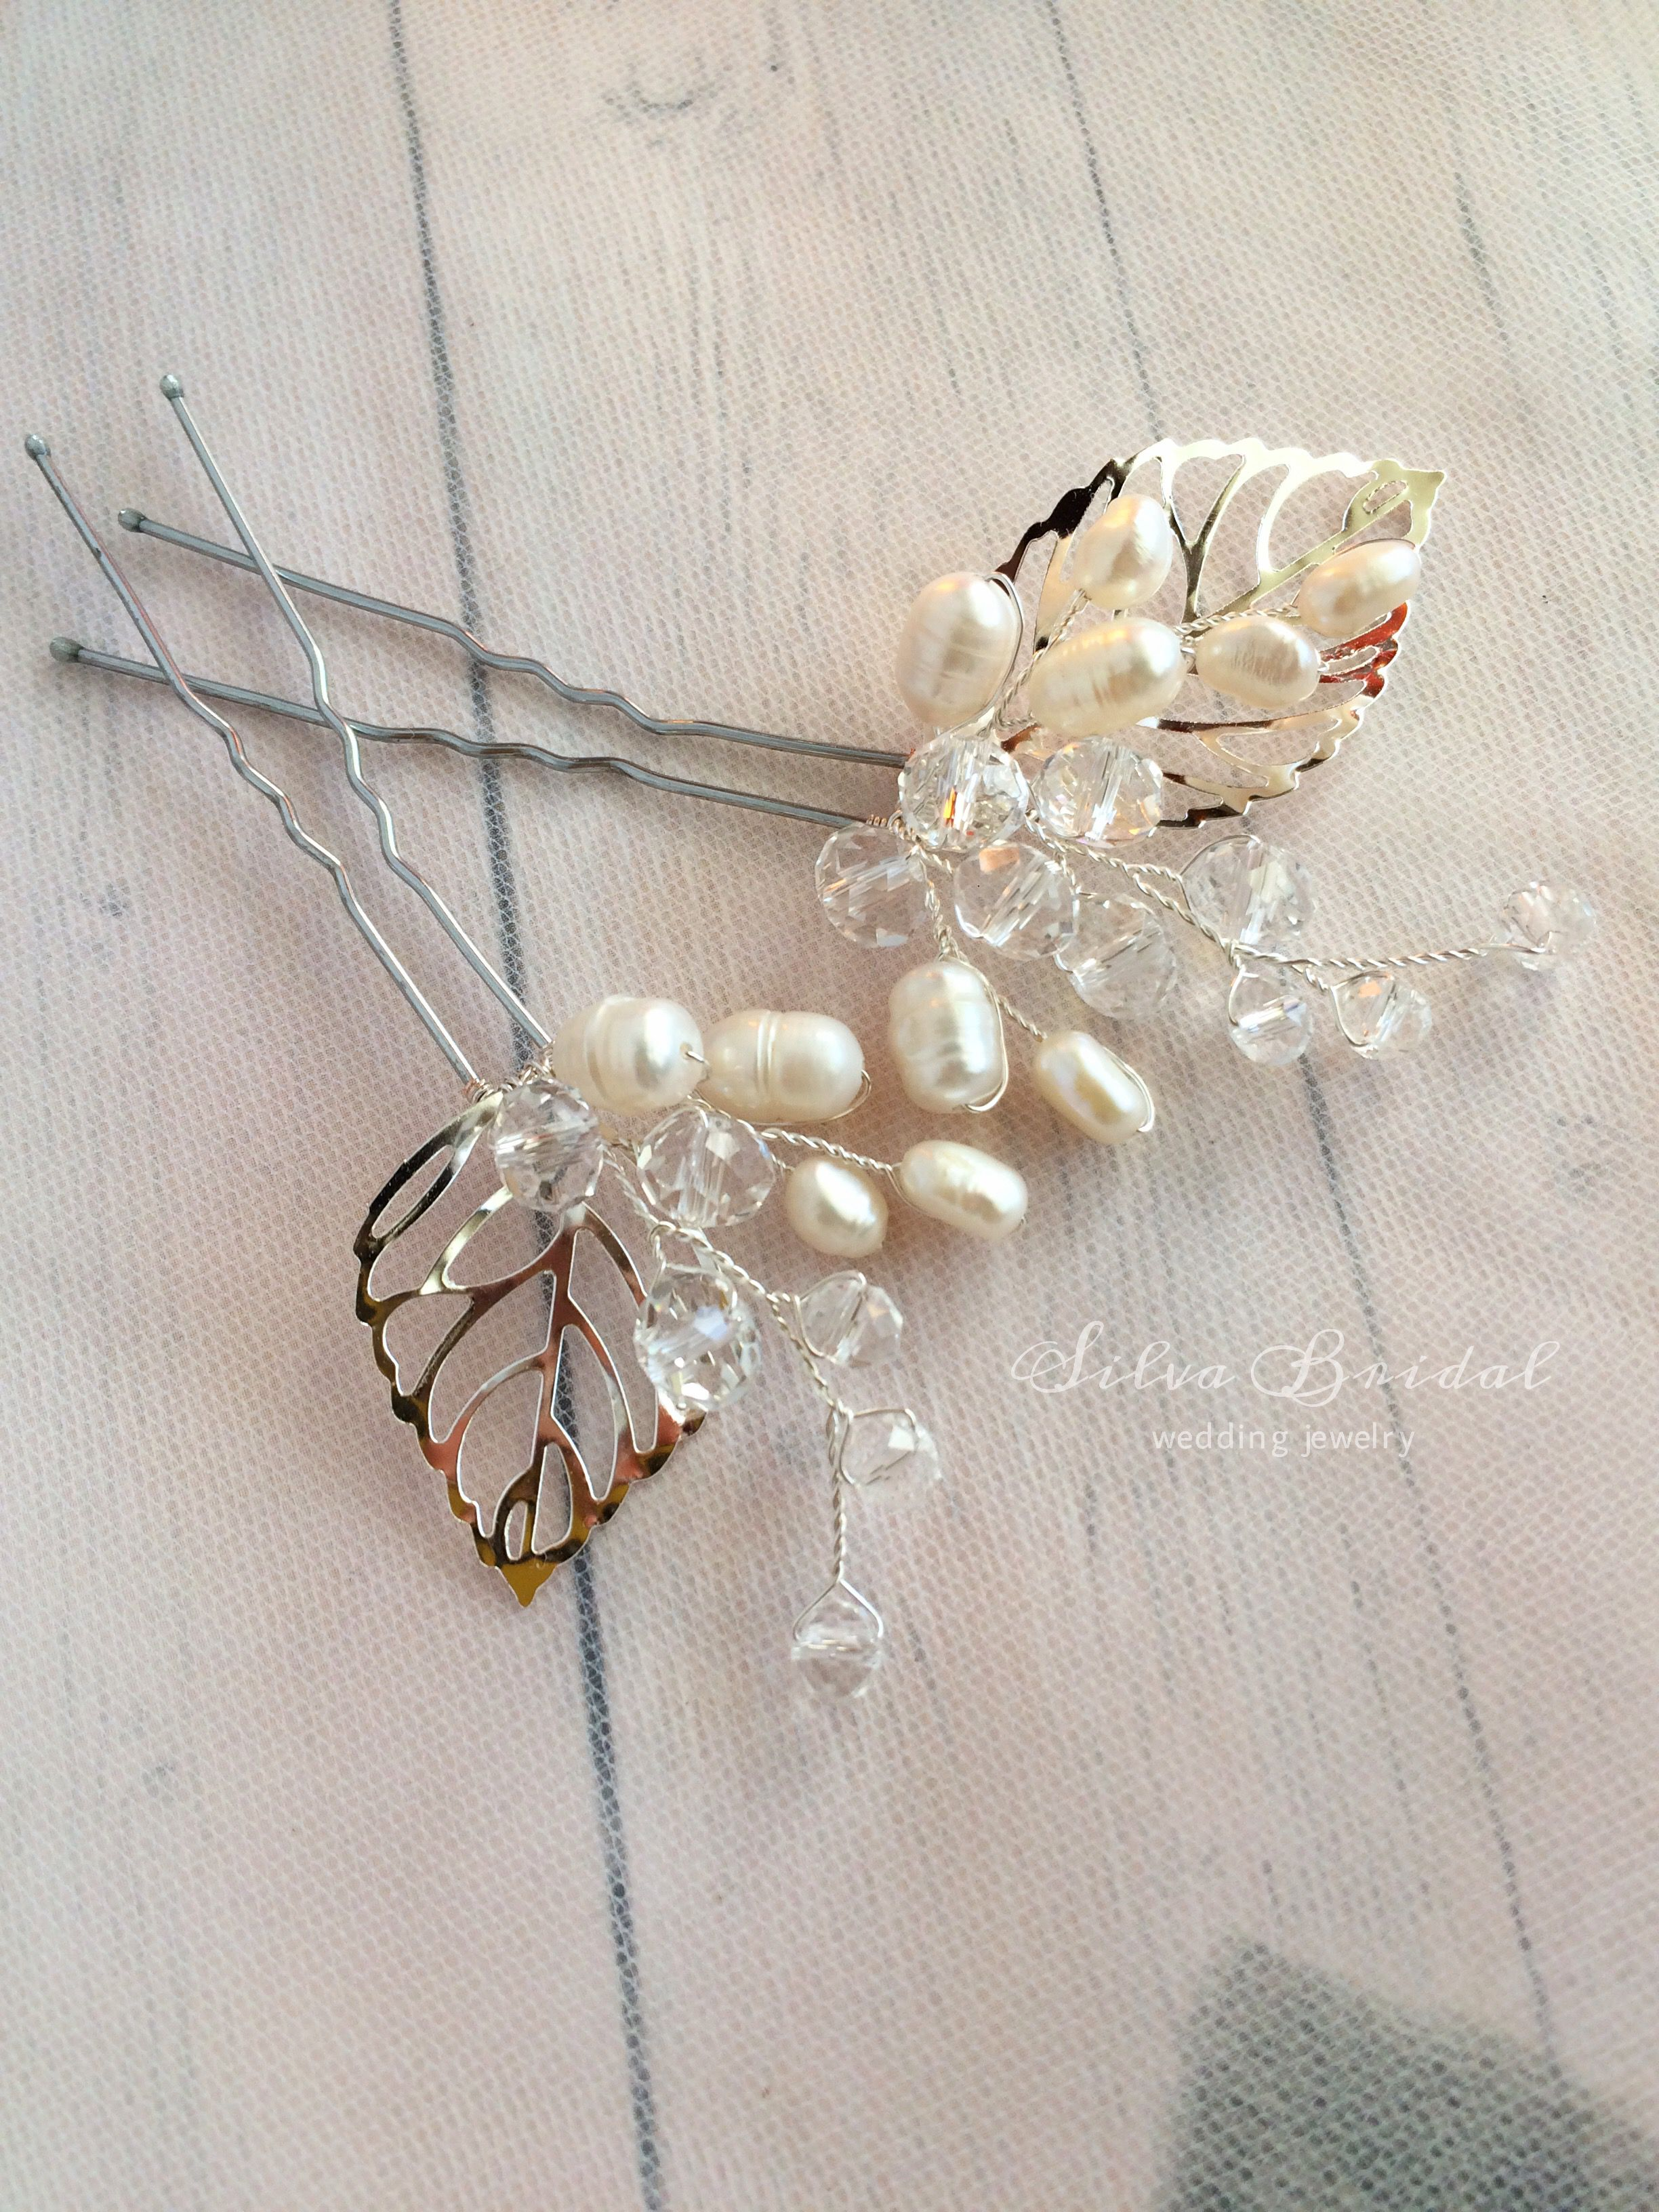 прическу свадебная веточка свадебные ободок украшение гребень корона волосы невеста прическа волос свадебное украшения причёски свадьба